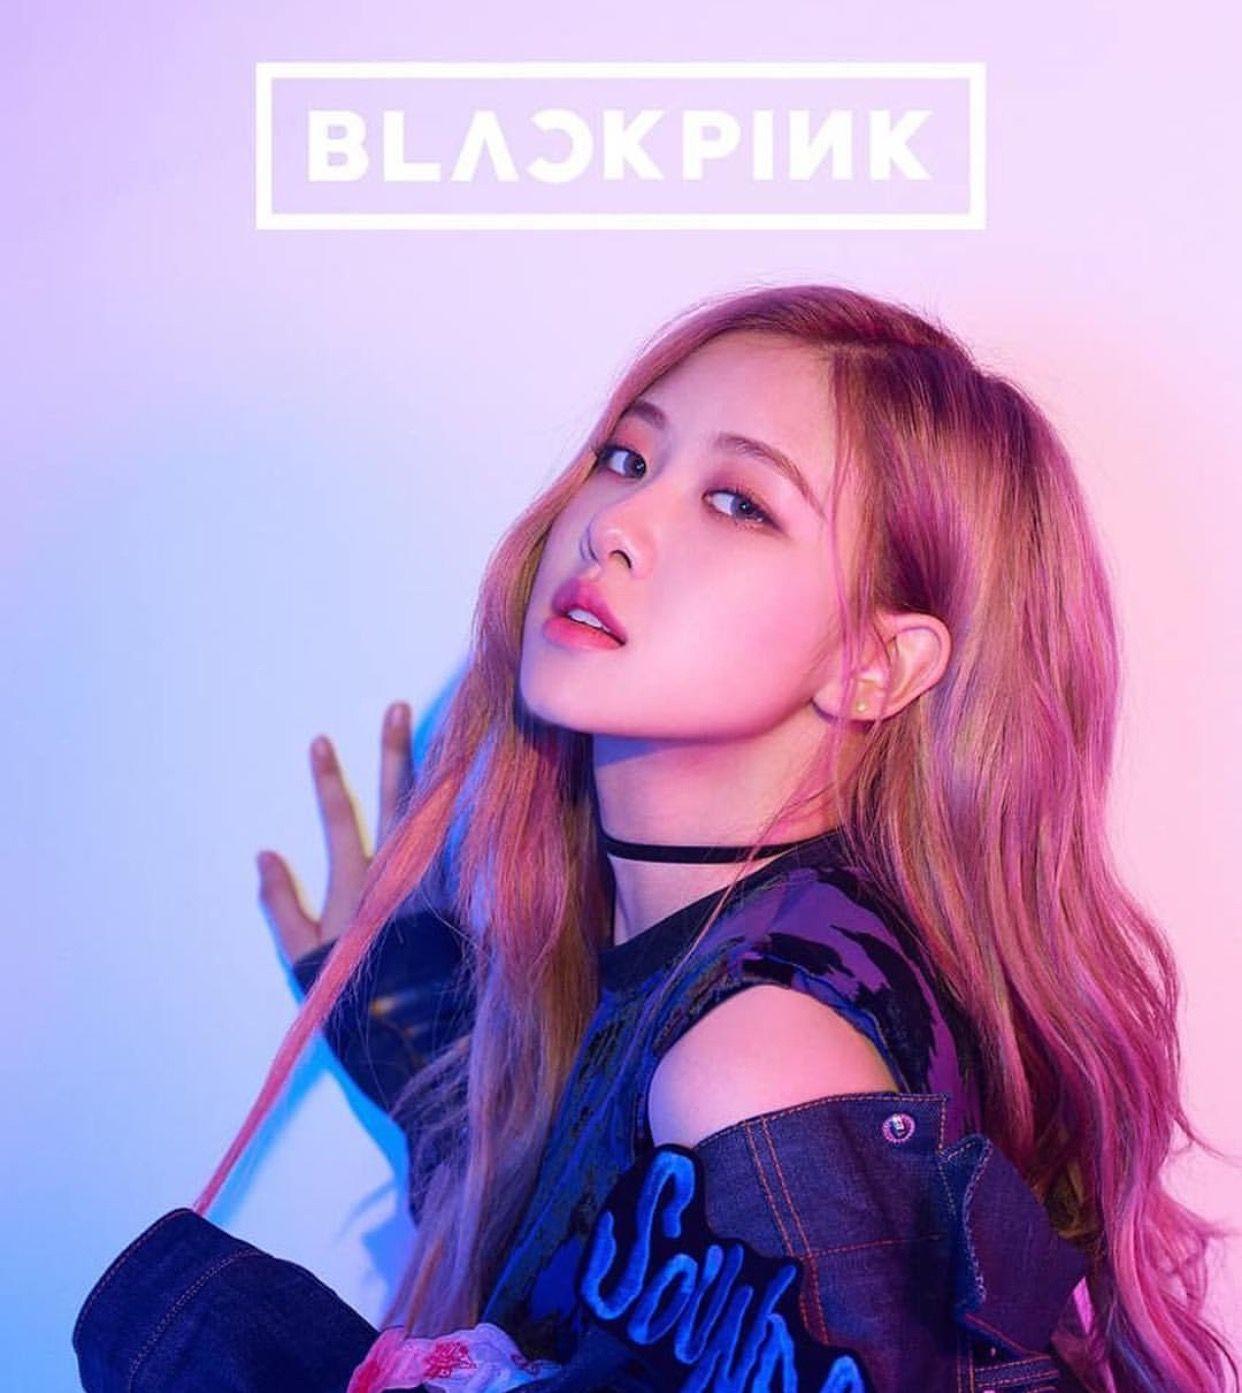 Park Chaeyoung Blackpink Rose Blackpink Rose Blackpink Black Pink Kpop